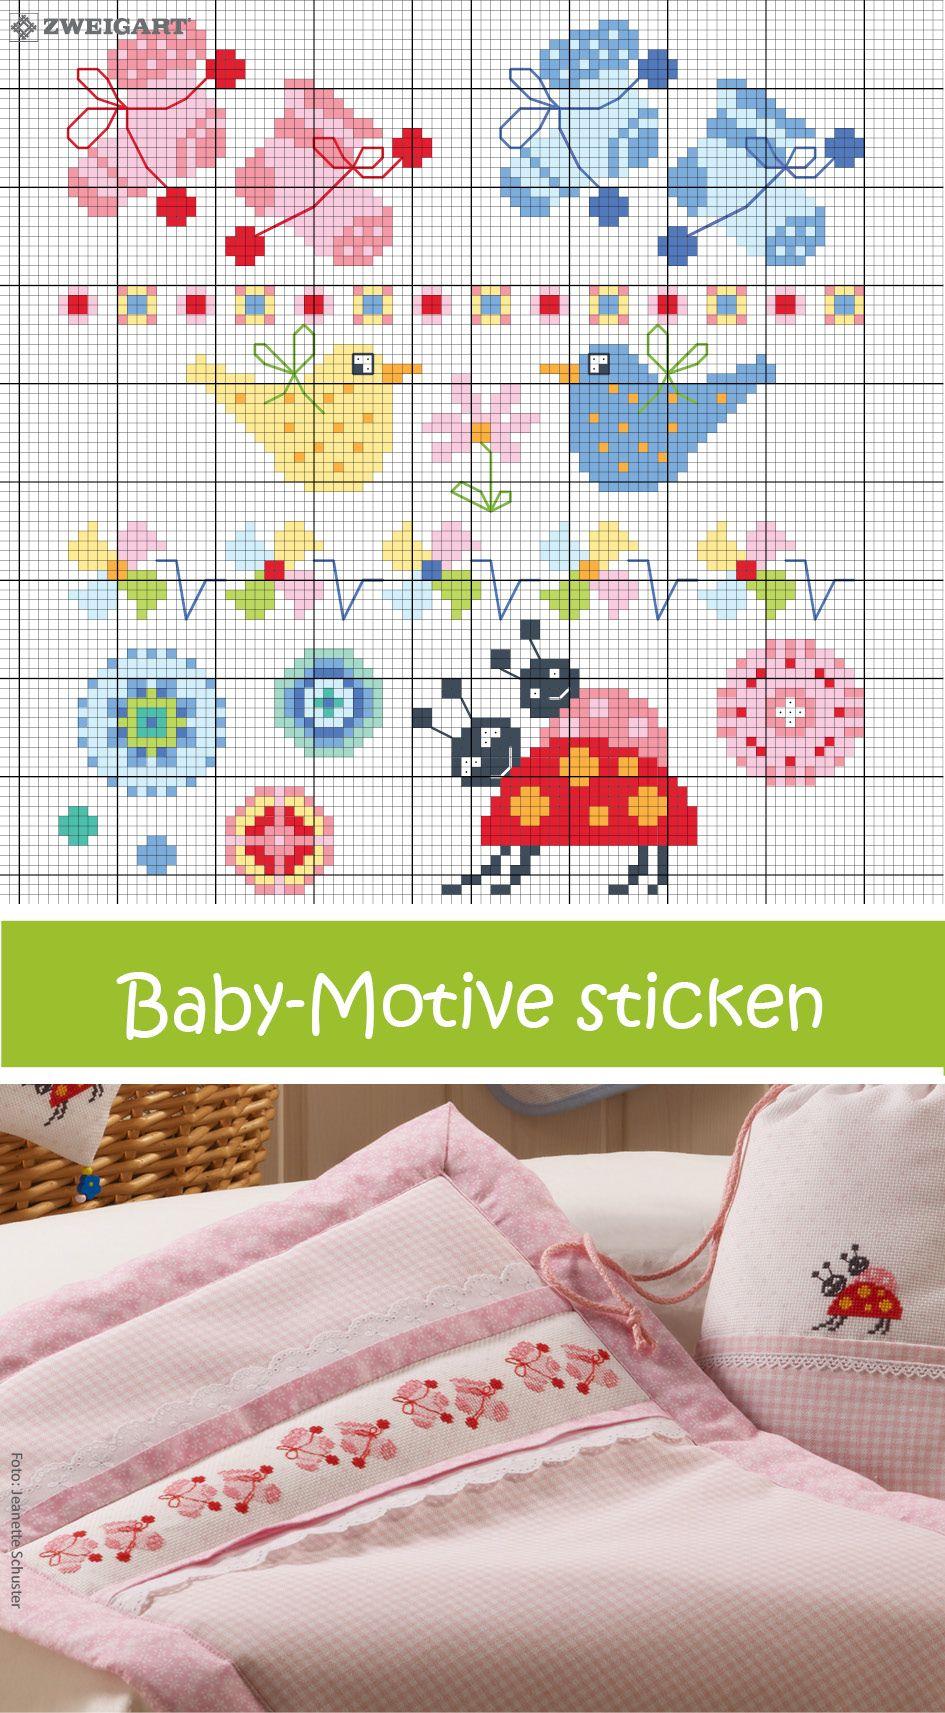 s e motive f r babies in m dchen jungenfarben sticken sticken kreuzstich baby. Black Bedroom Furniture Sets. Home Design Ideas